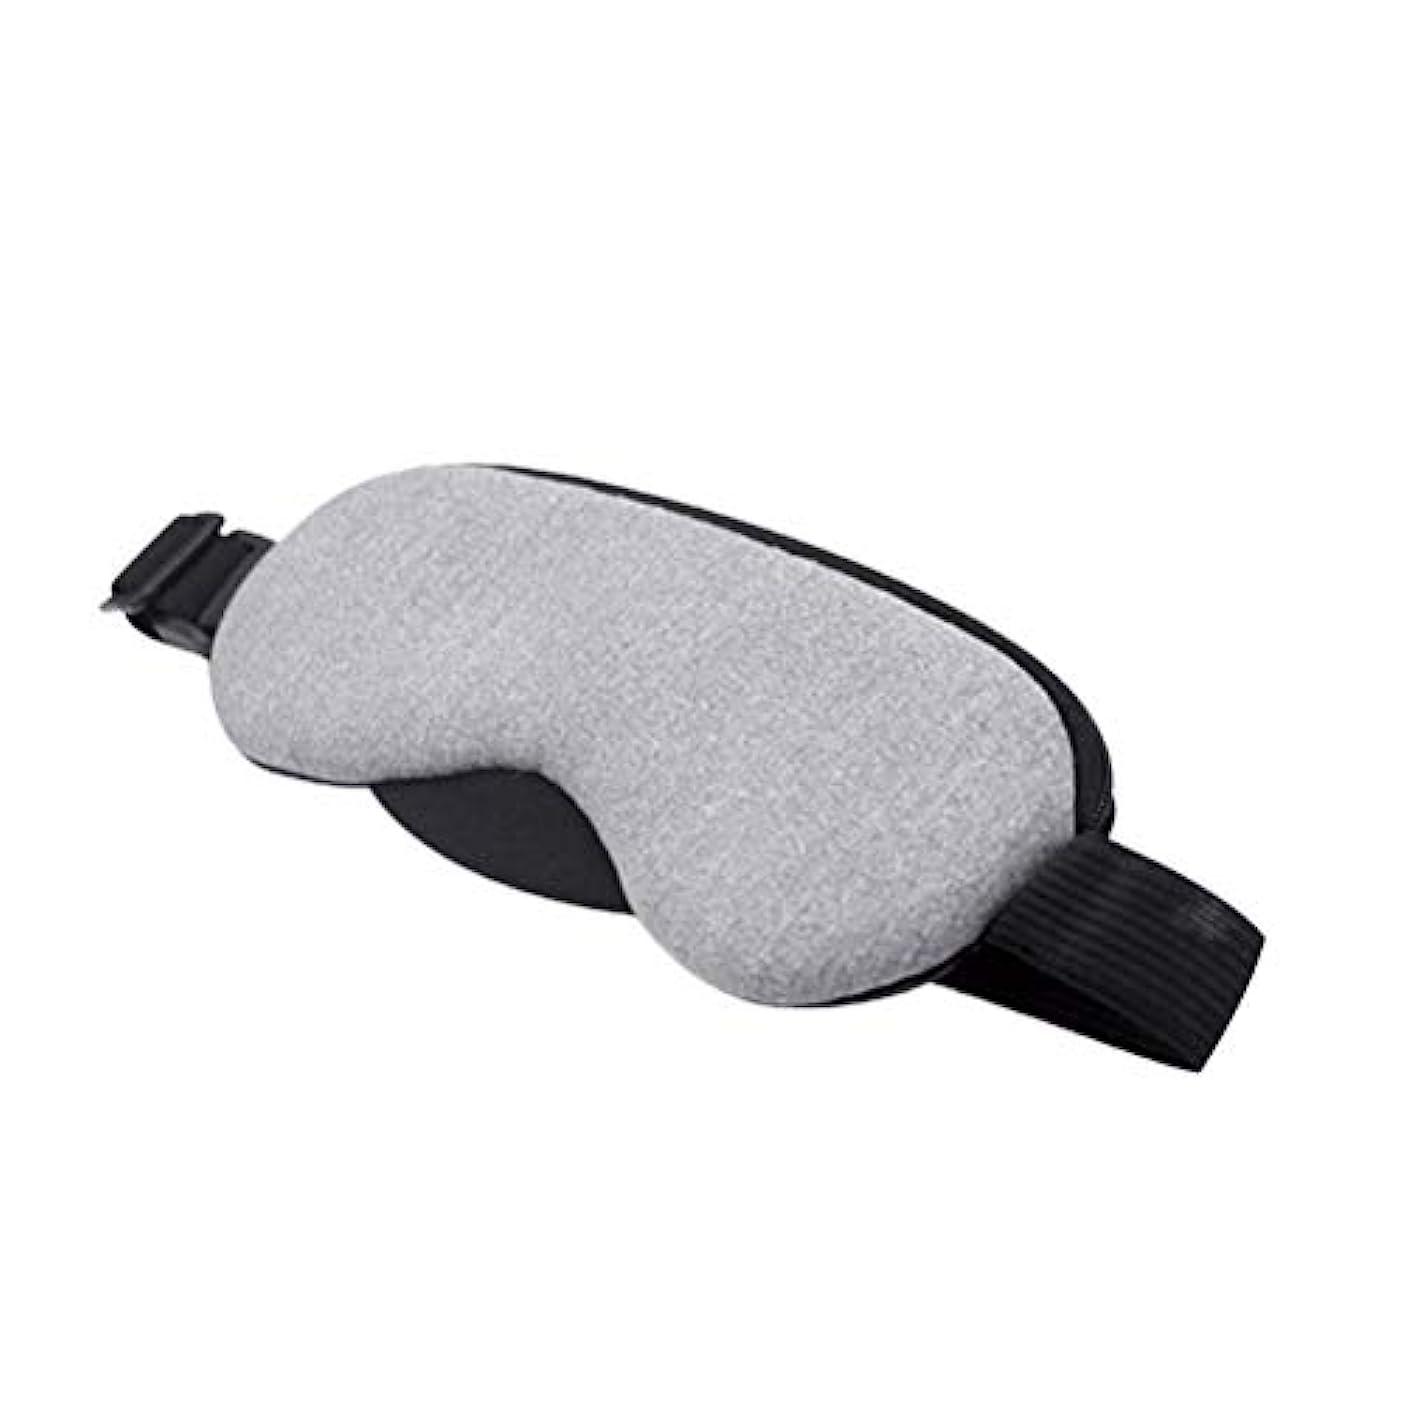 自発的貪欲白いROSENICE USBスチームアイマスクホットコンプレッションアイカバー(グレーフレグランスフリー)